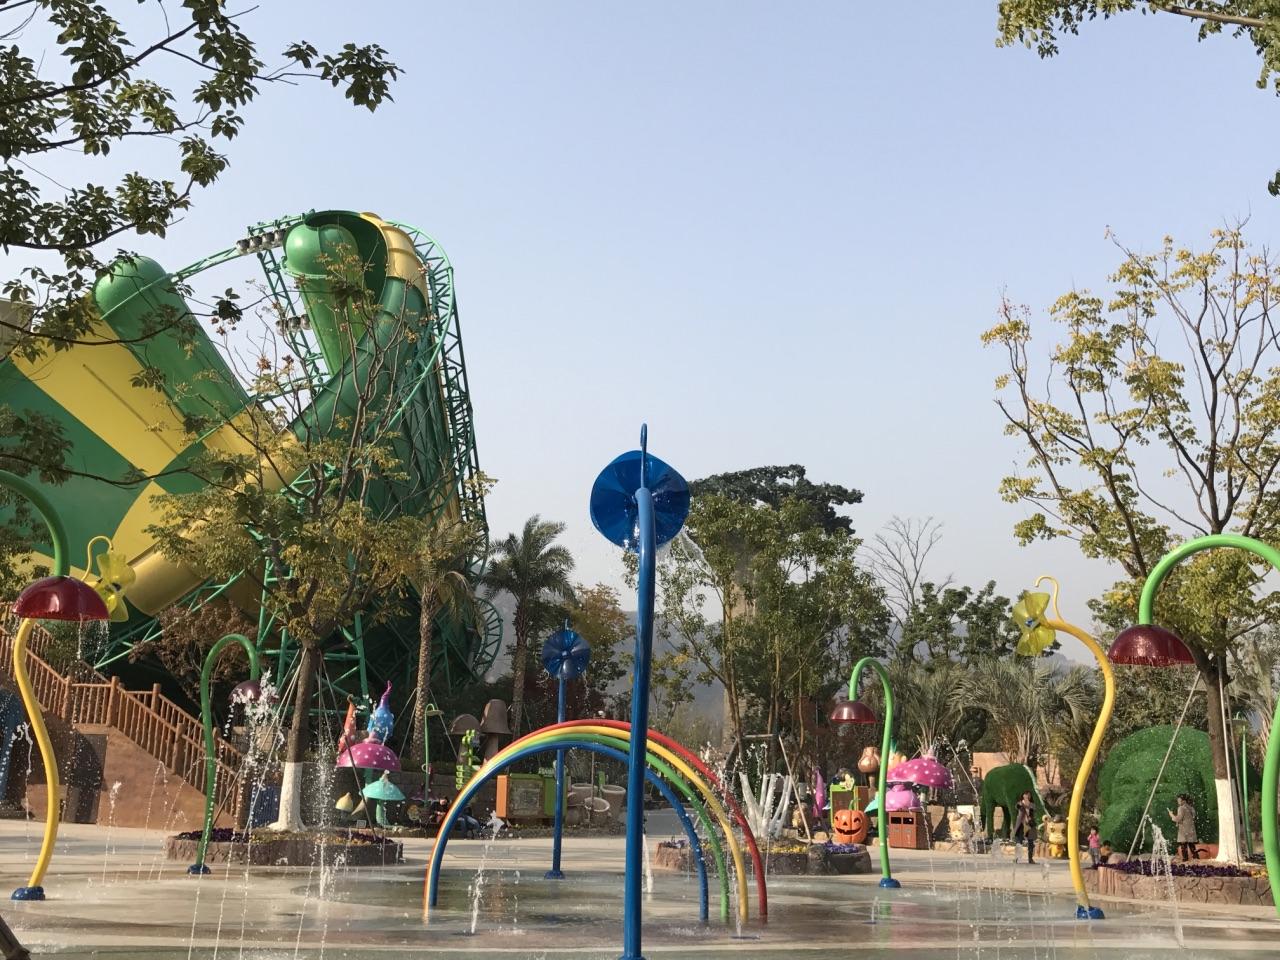 镇上开个小型游乐园可以不:在小镇上开一个儿童乐园行吗?有实图吗?